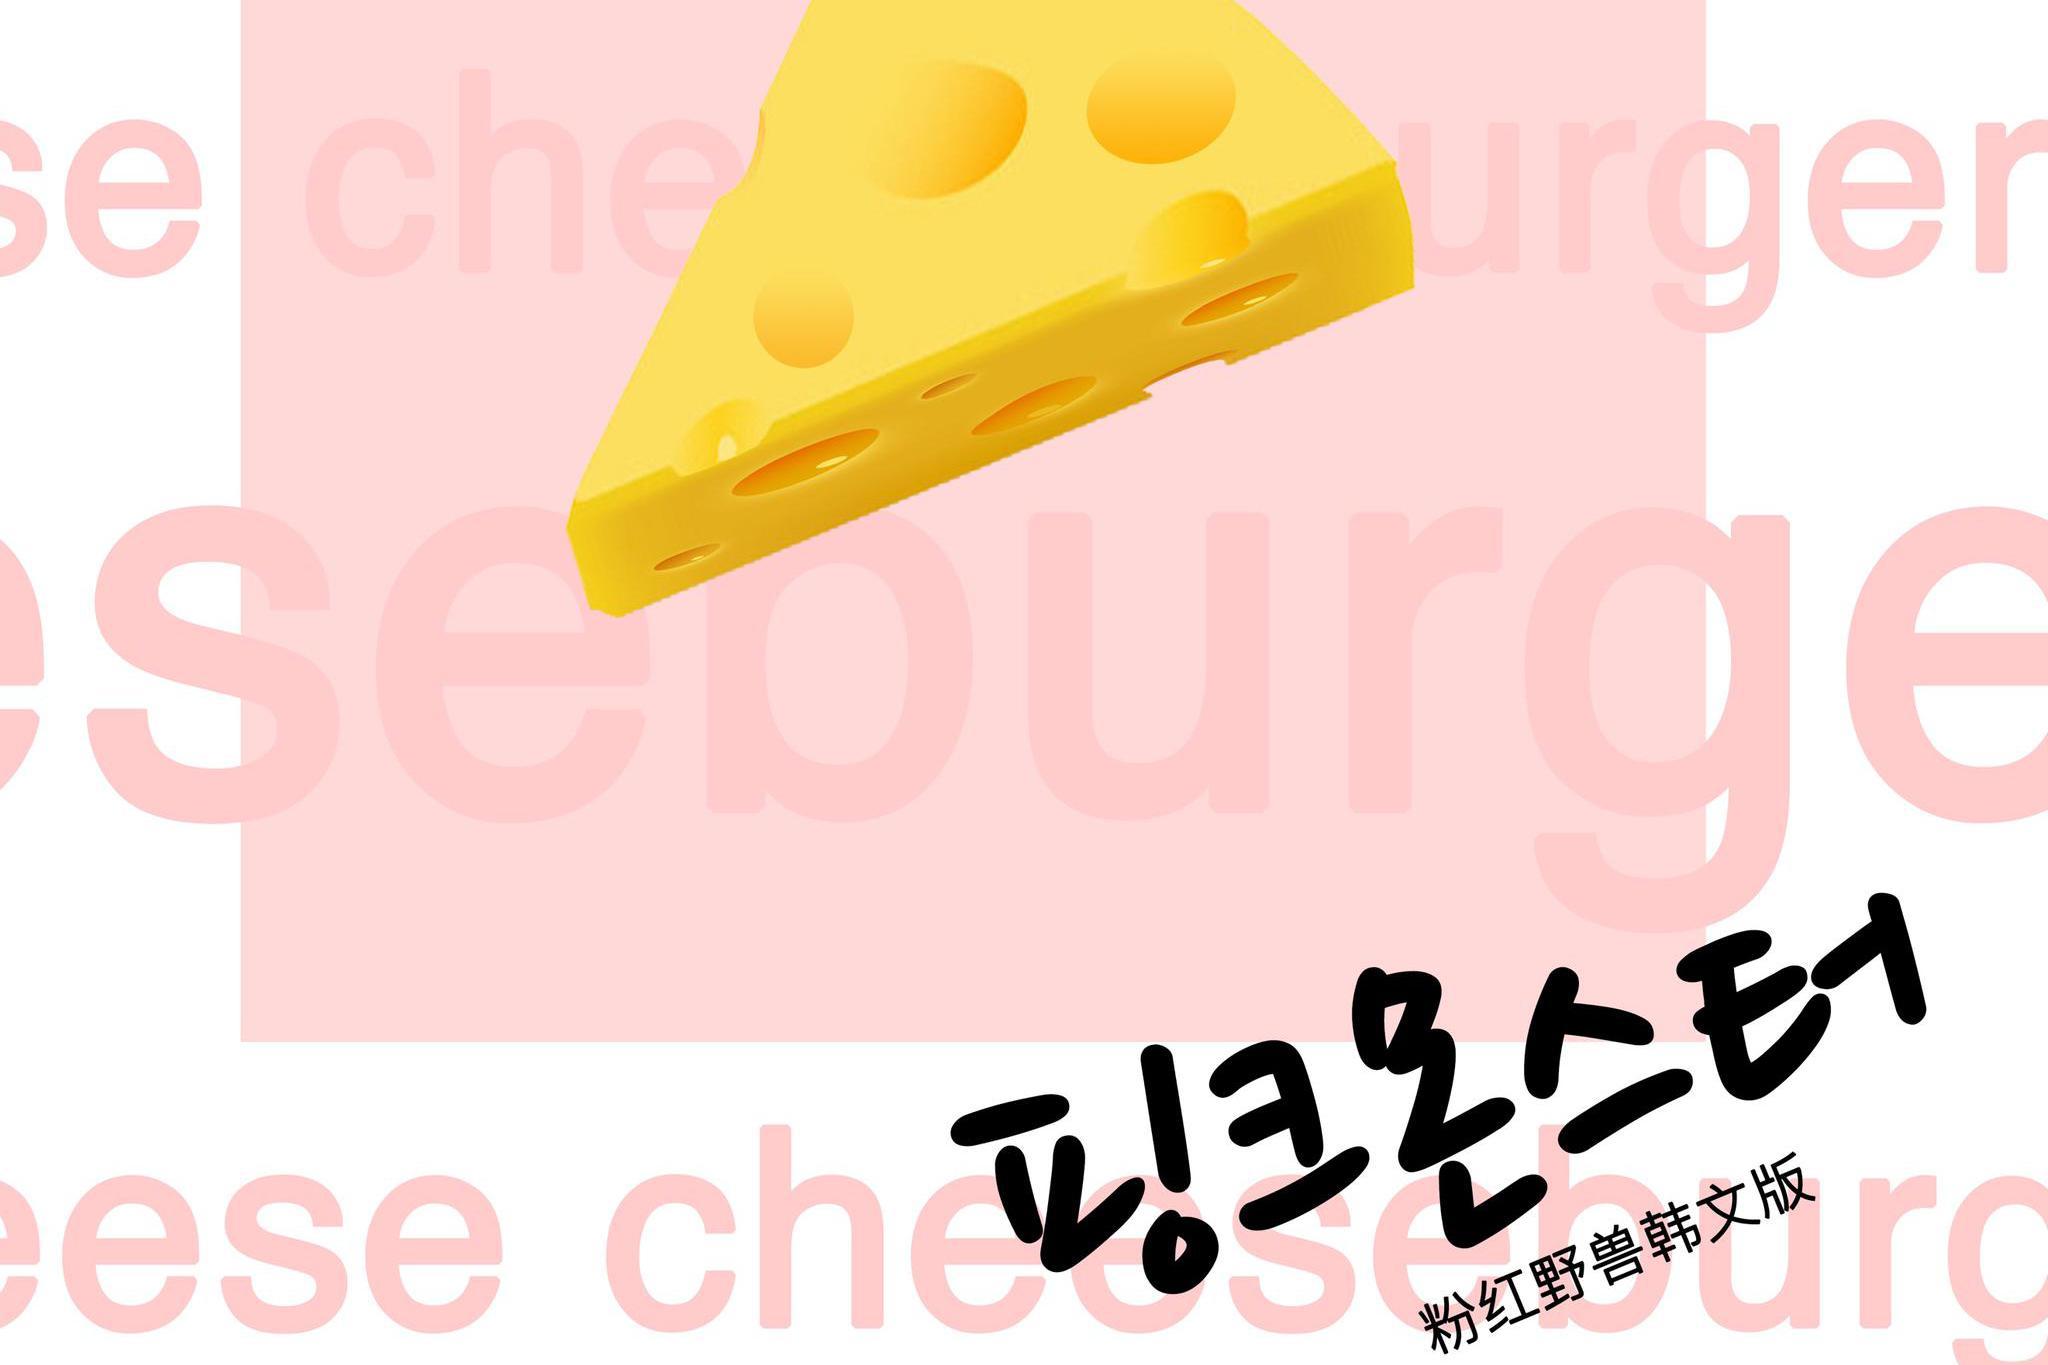 蔡妍最新单曲핑크몬스터(粉红野兽韩文版)今日儿童节正式上线